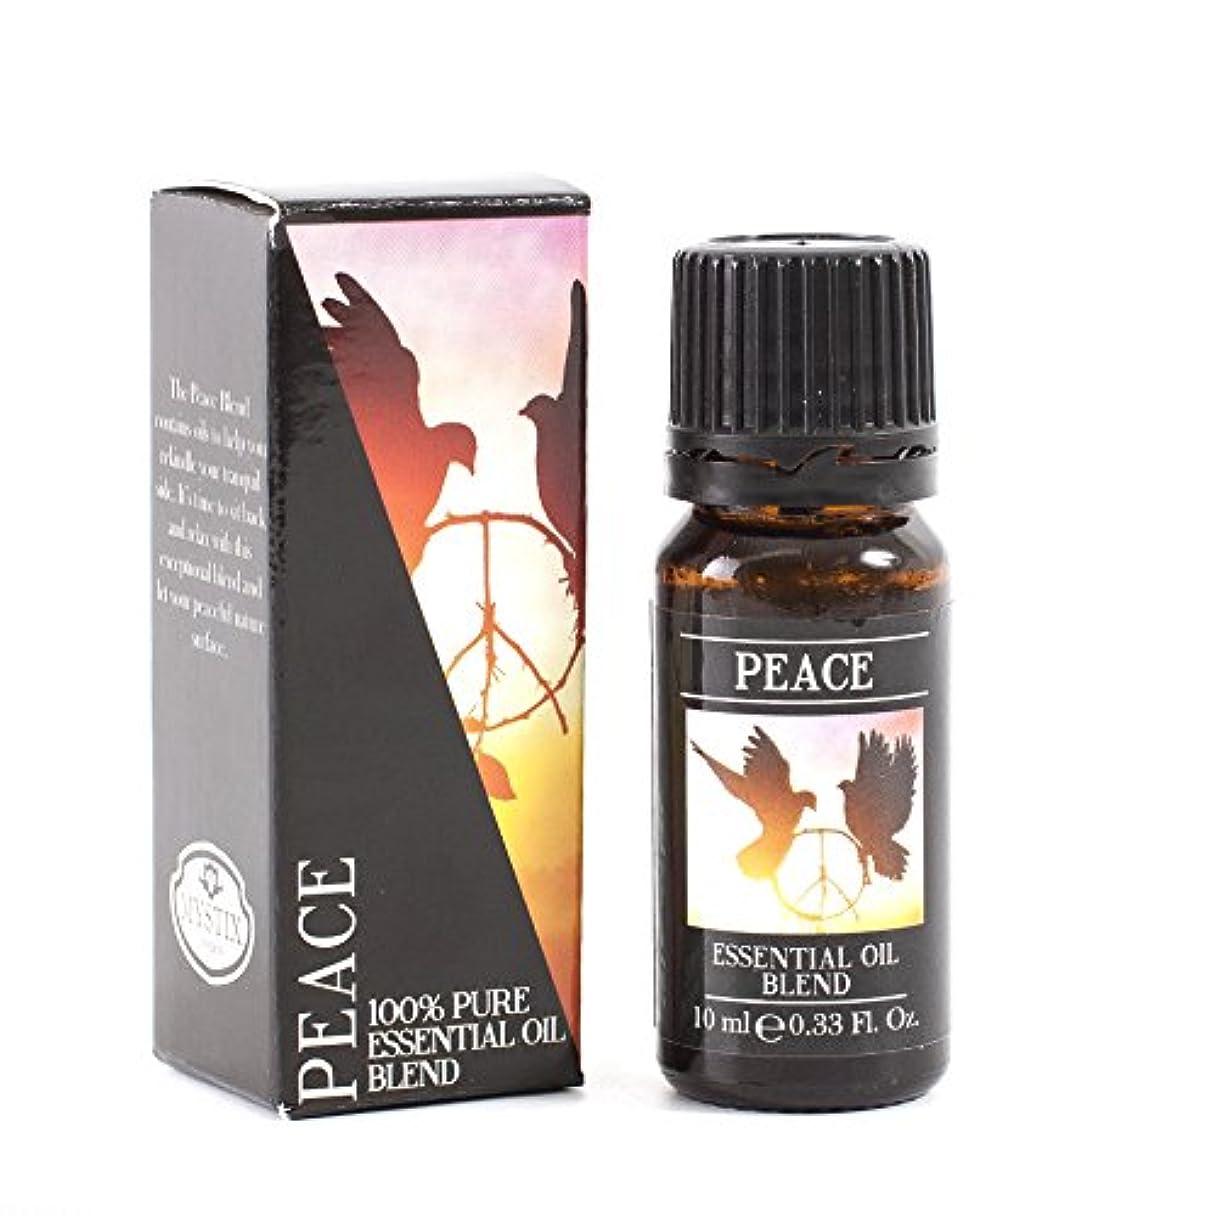 セッション強盗追跡Mystic Moments | Peace Essential Oil Blend - 10ml - 100% Pure